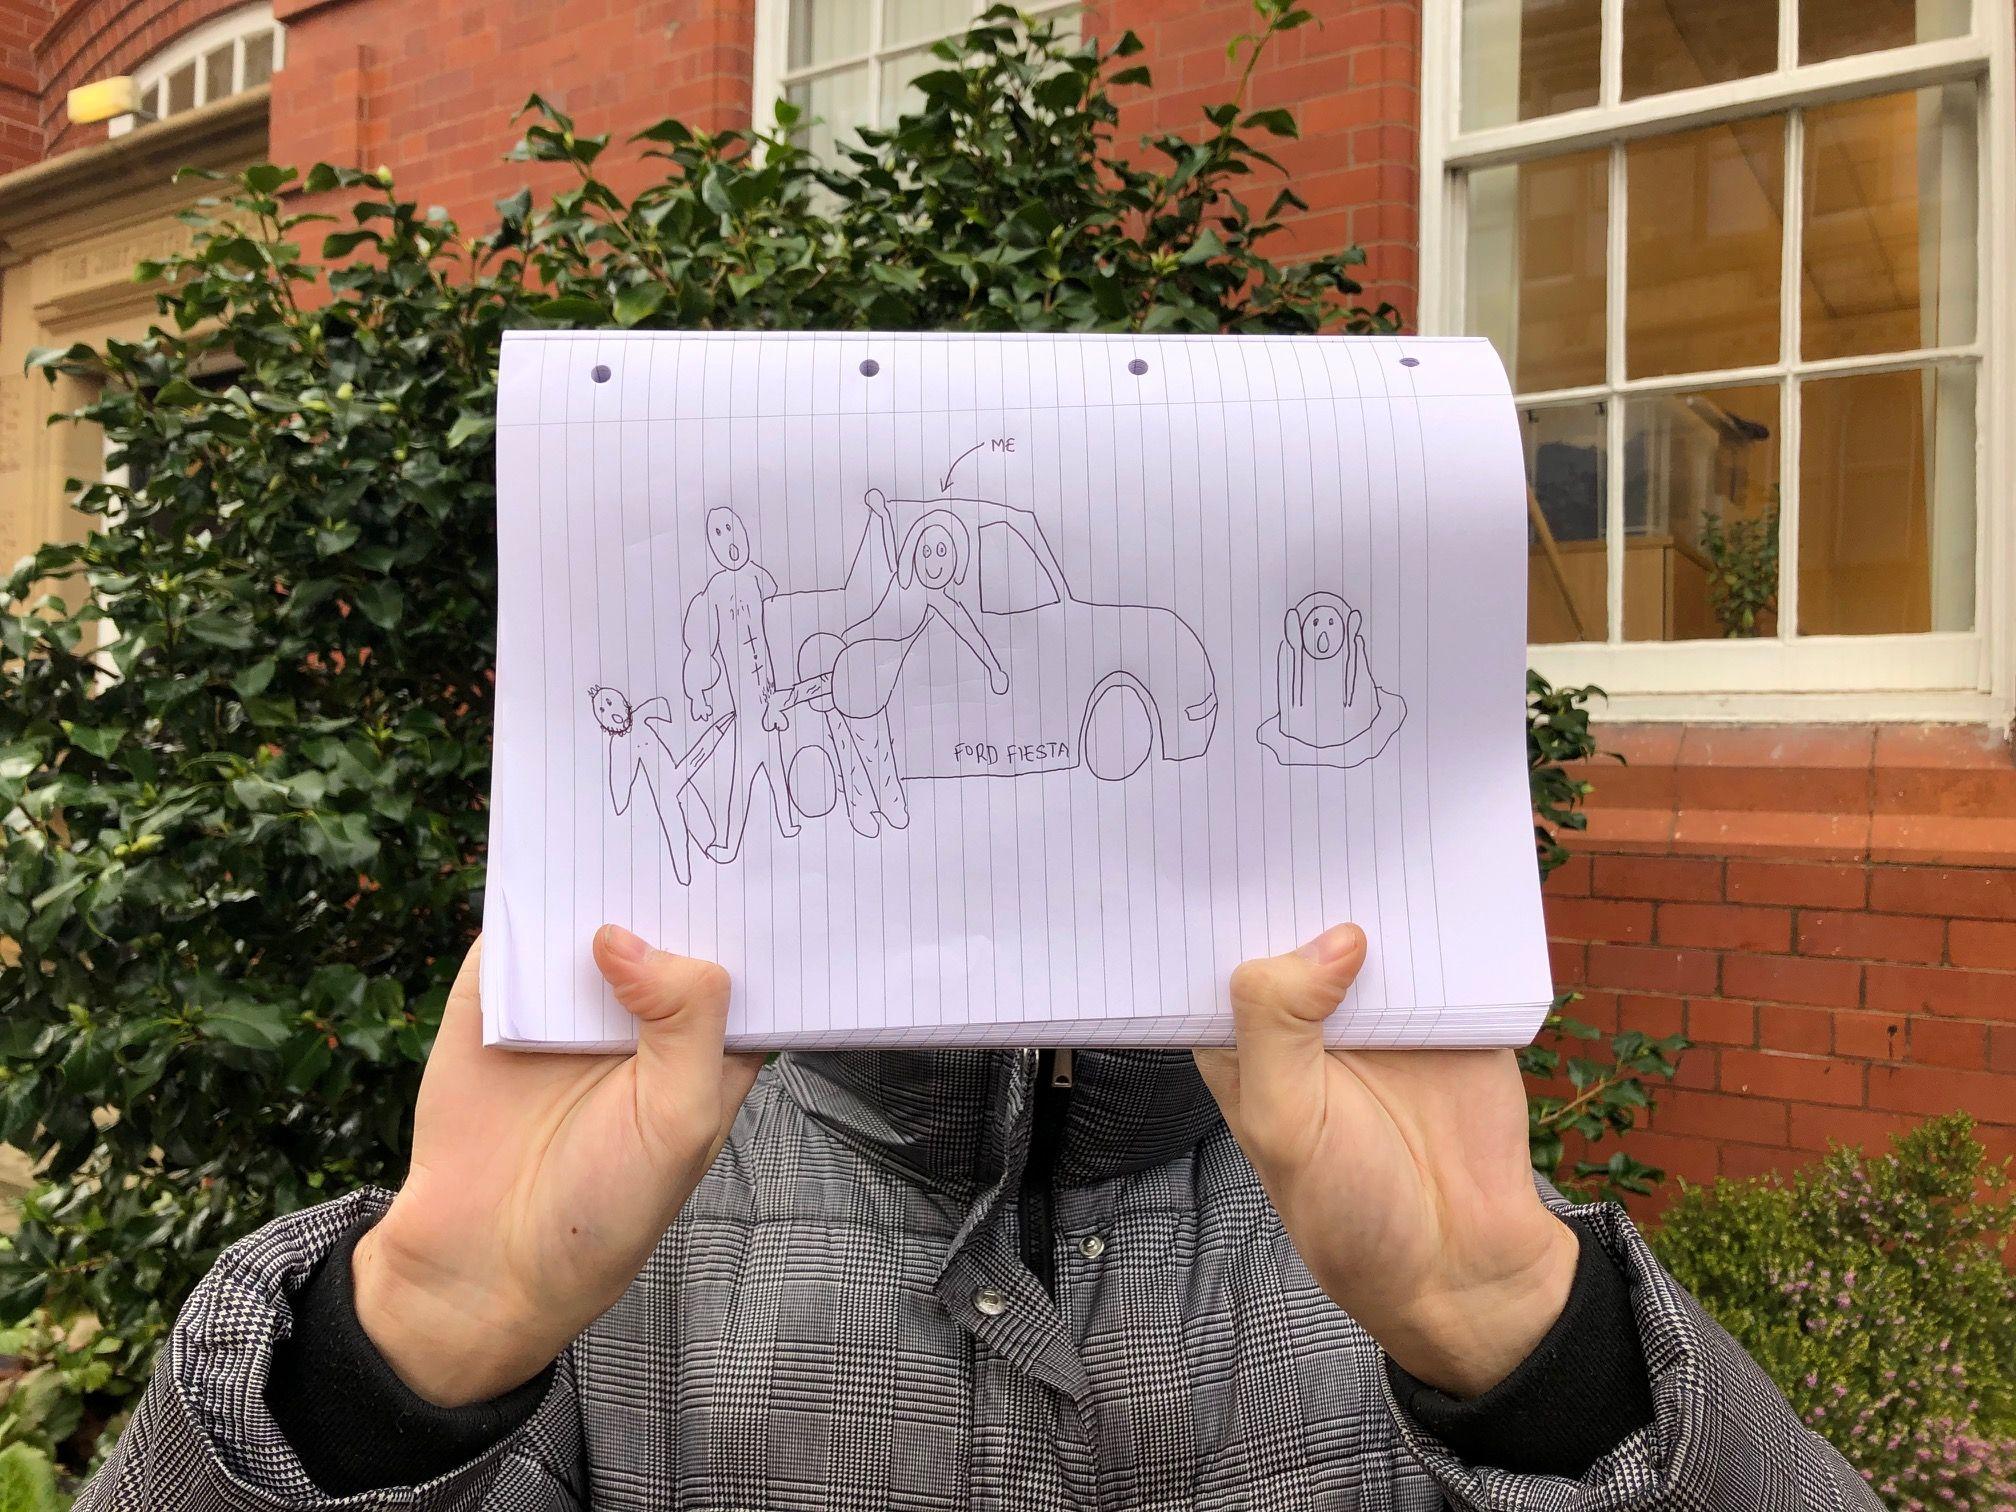 Image may contain: Handwriting, Person, Human, Text